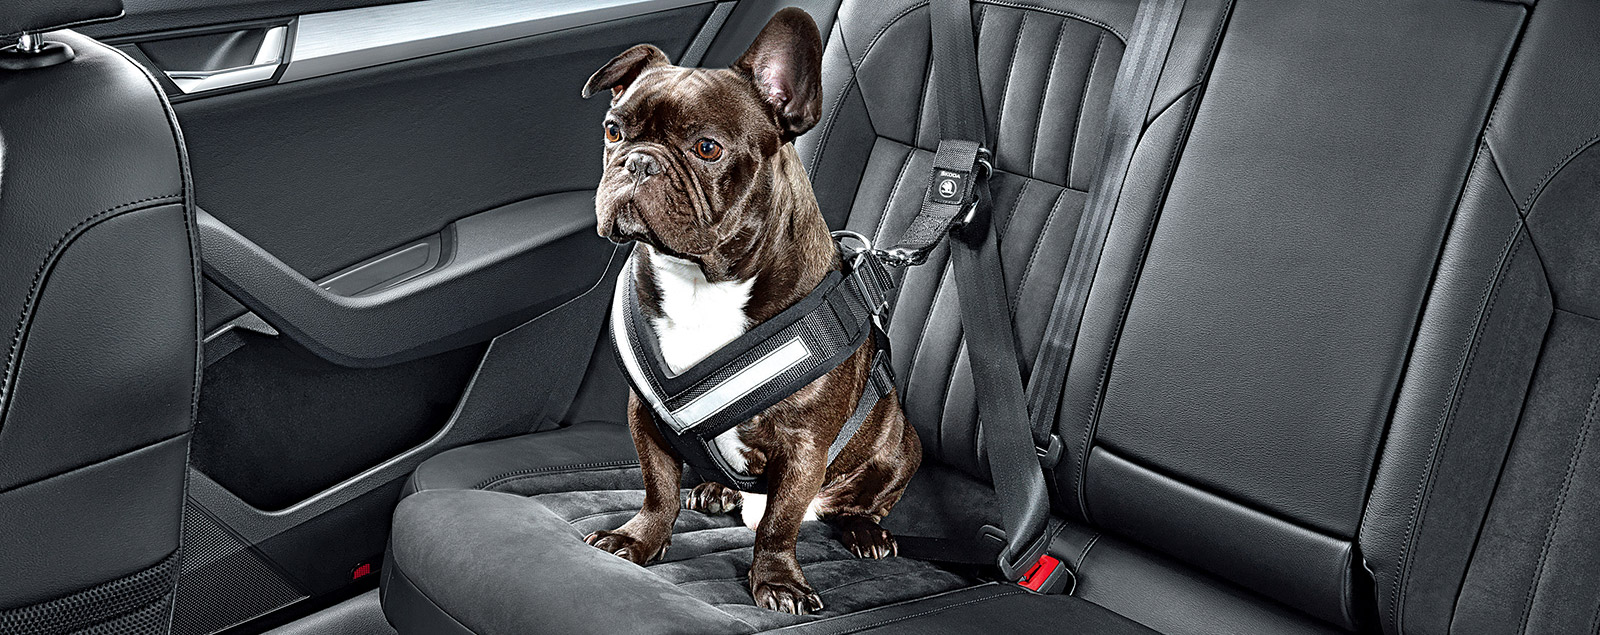 SKODA Dog Restraint